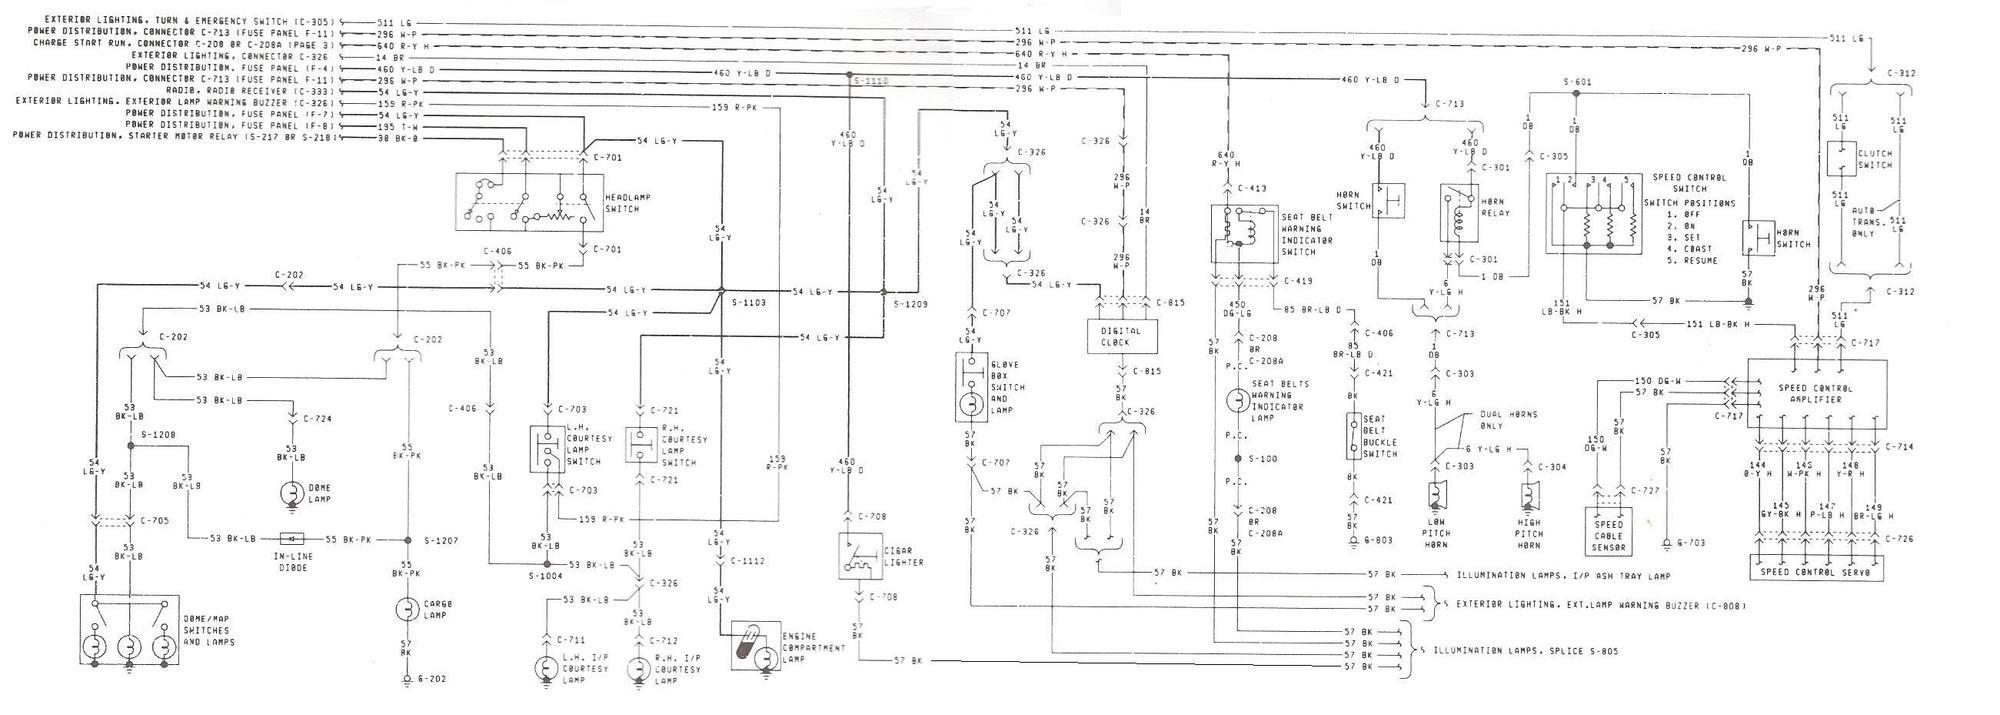 Wiring Diagram  28 1986 Ford F150 Radio Wiring Diagram